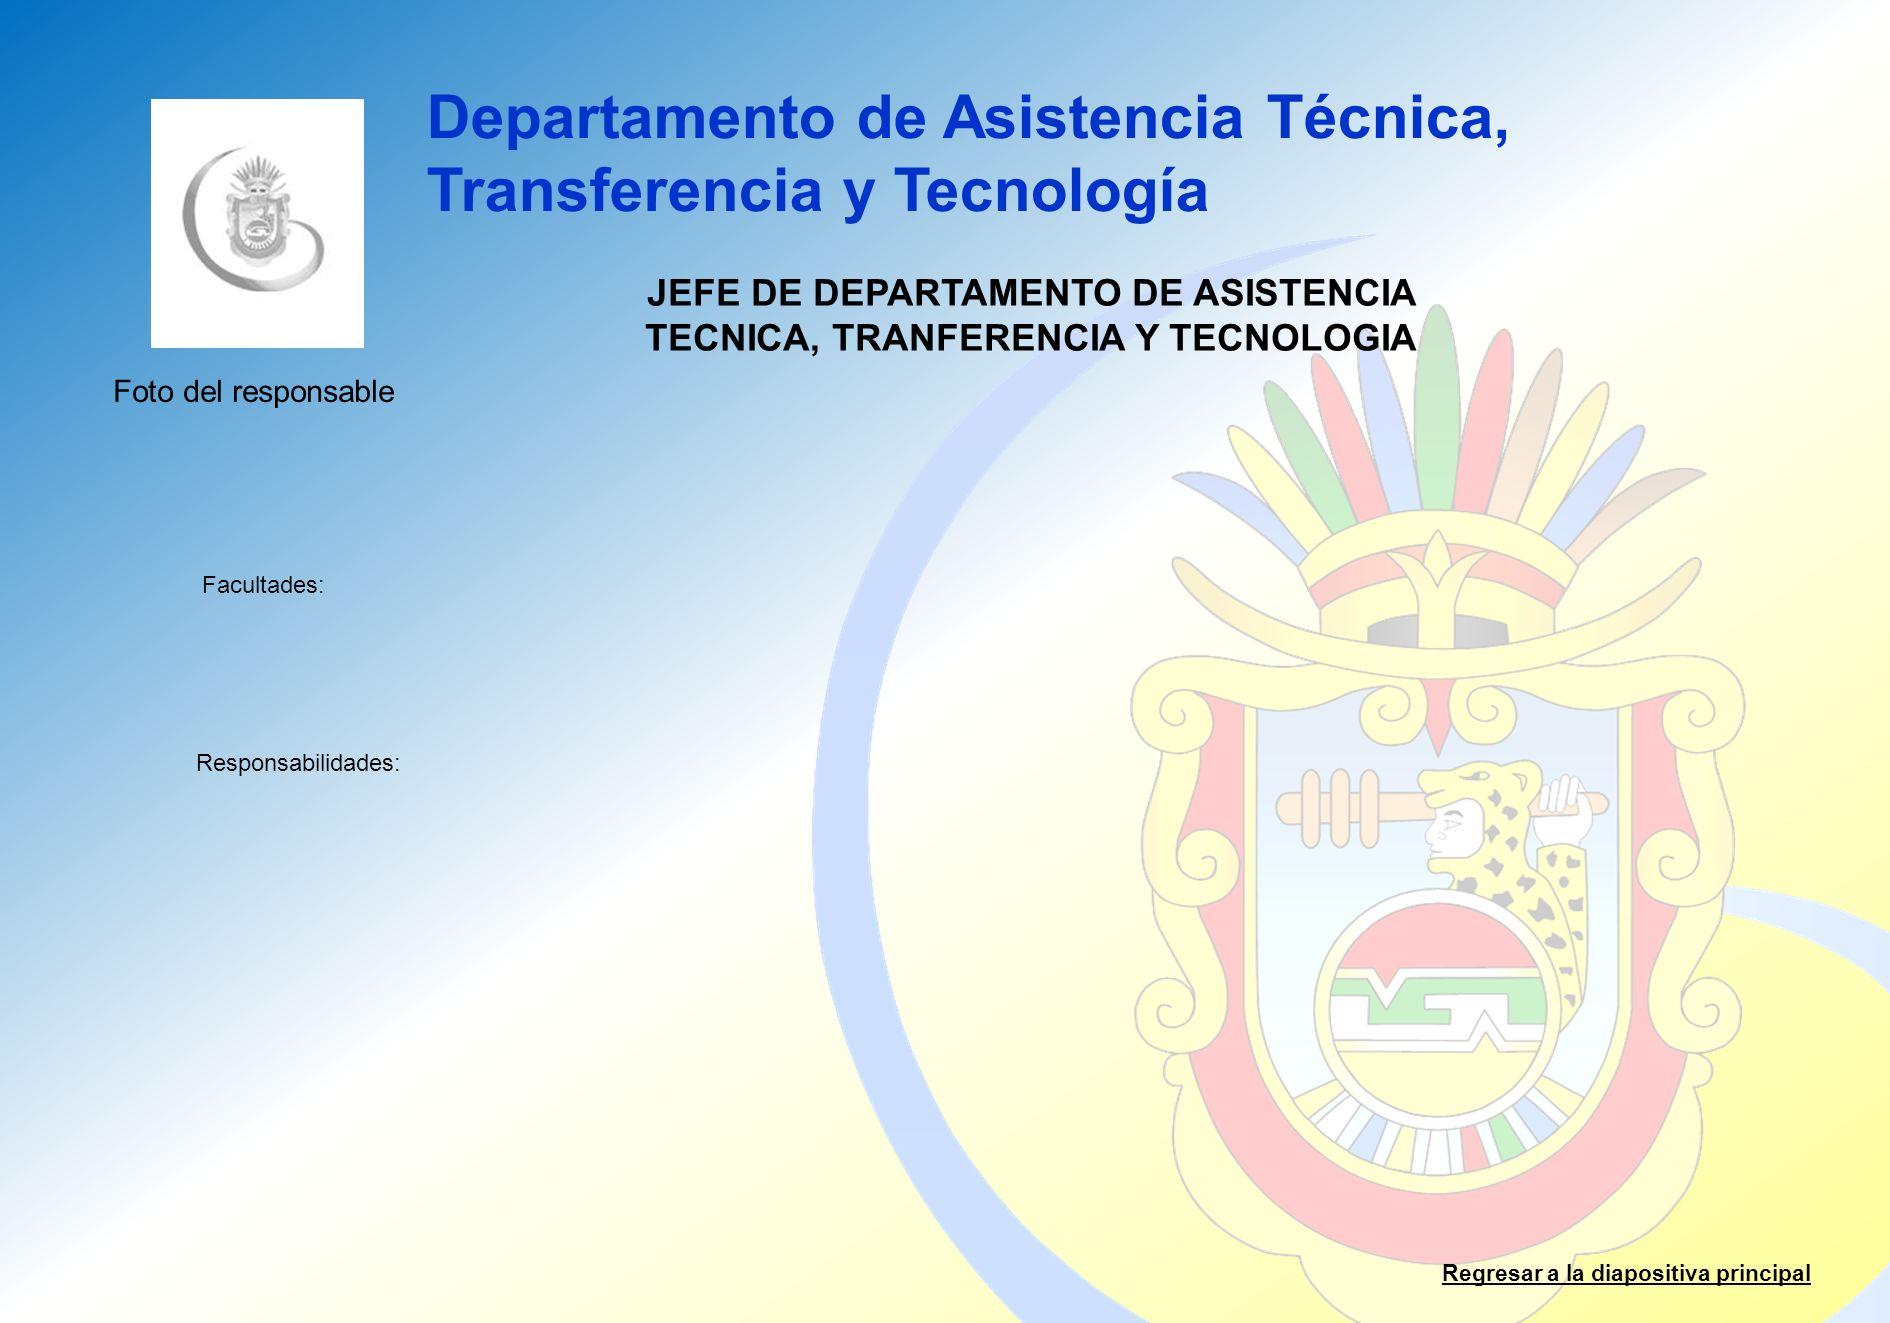 Departamento de Asistencia Técnica, Transferencia y Tecnología Facultades: Responsabilidades: Regresar a la diapositiva principal JEFE DE DEPARTAMENTO